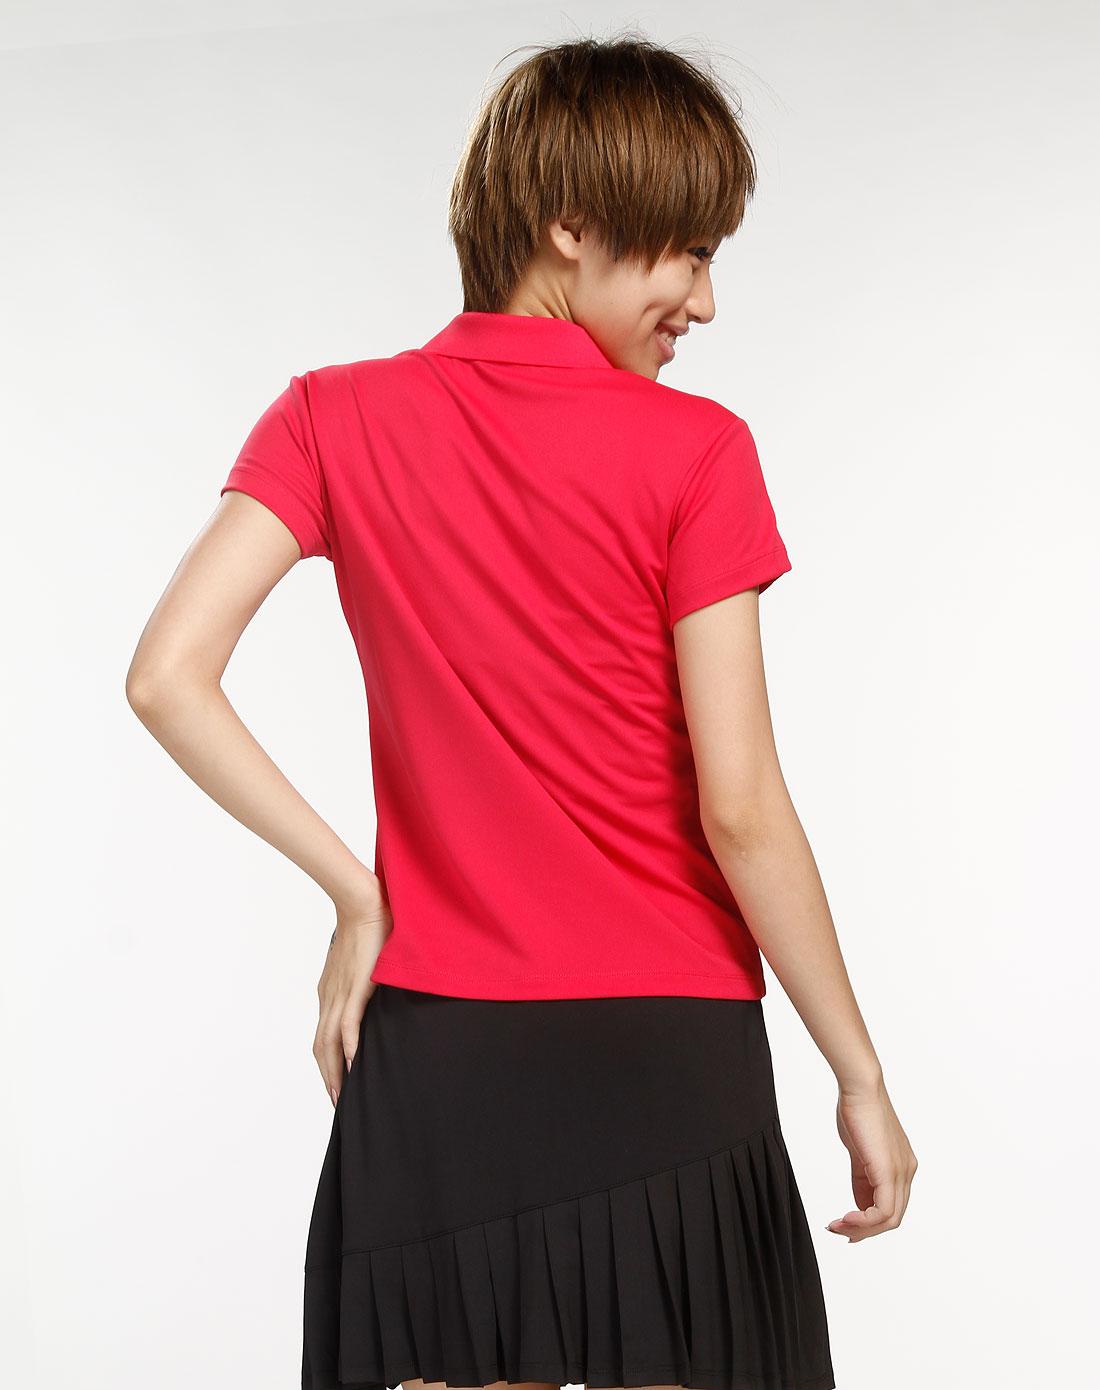 安踏anta女装专场-女款玫红色翻领短袖t恤